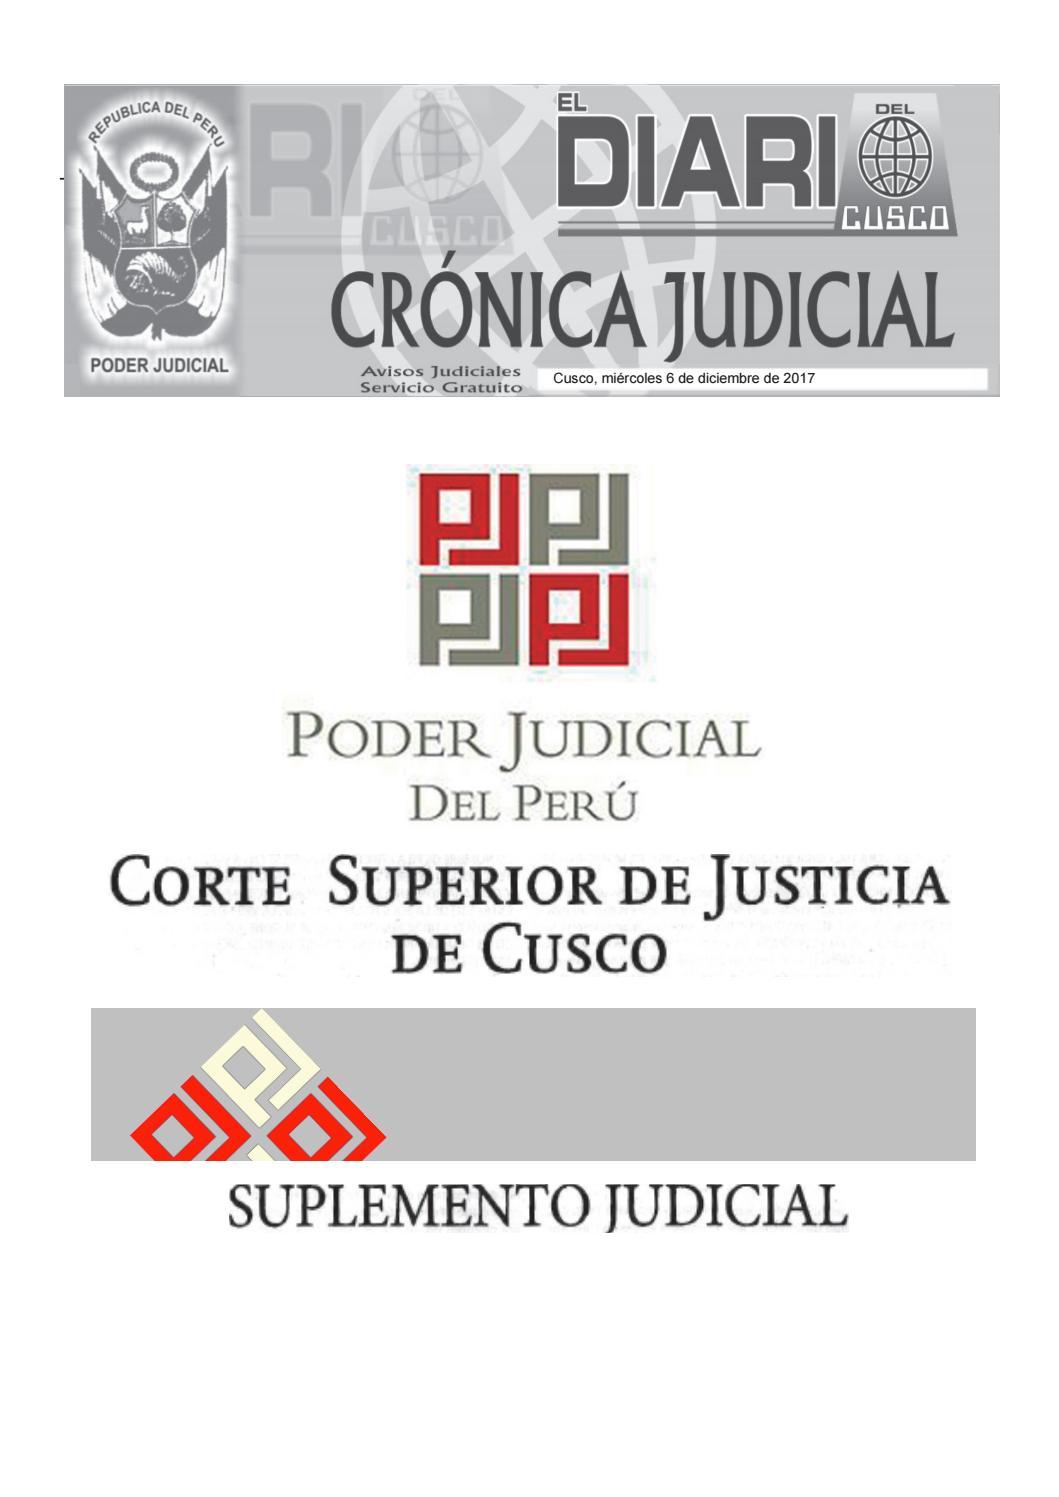 Judiciales 6 9 17 By El Diario Del Cusco Issuu # Muebles Huarcaya